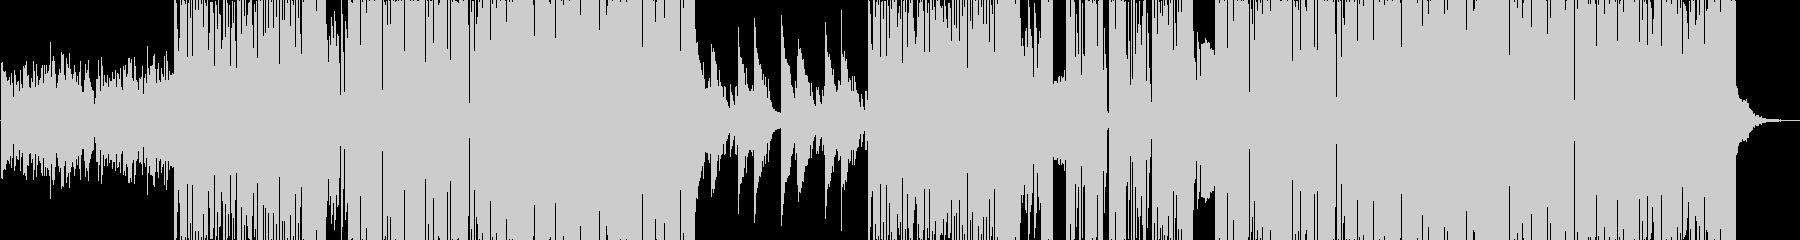 映像作品BGM向けフューチャーベースの未再生の波形